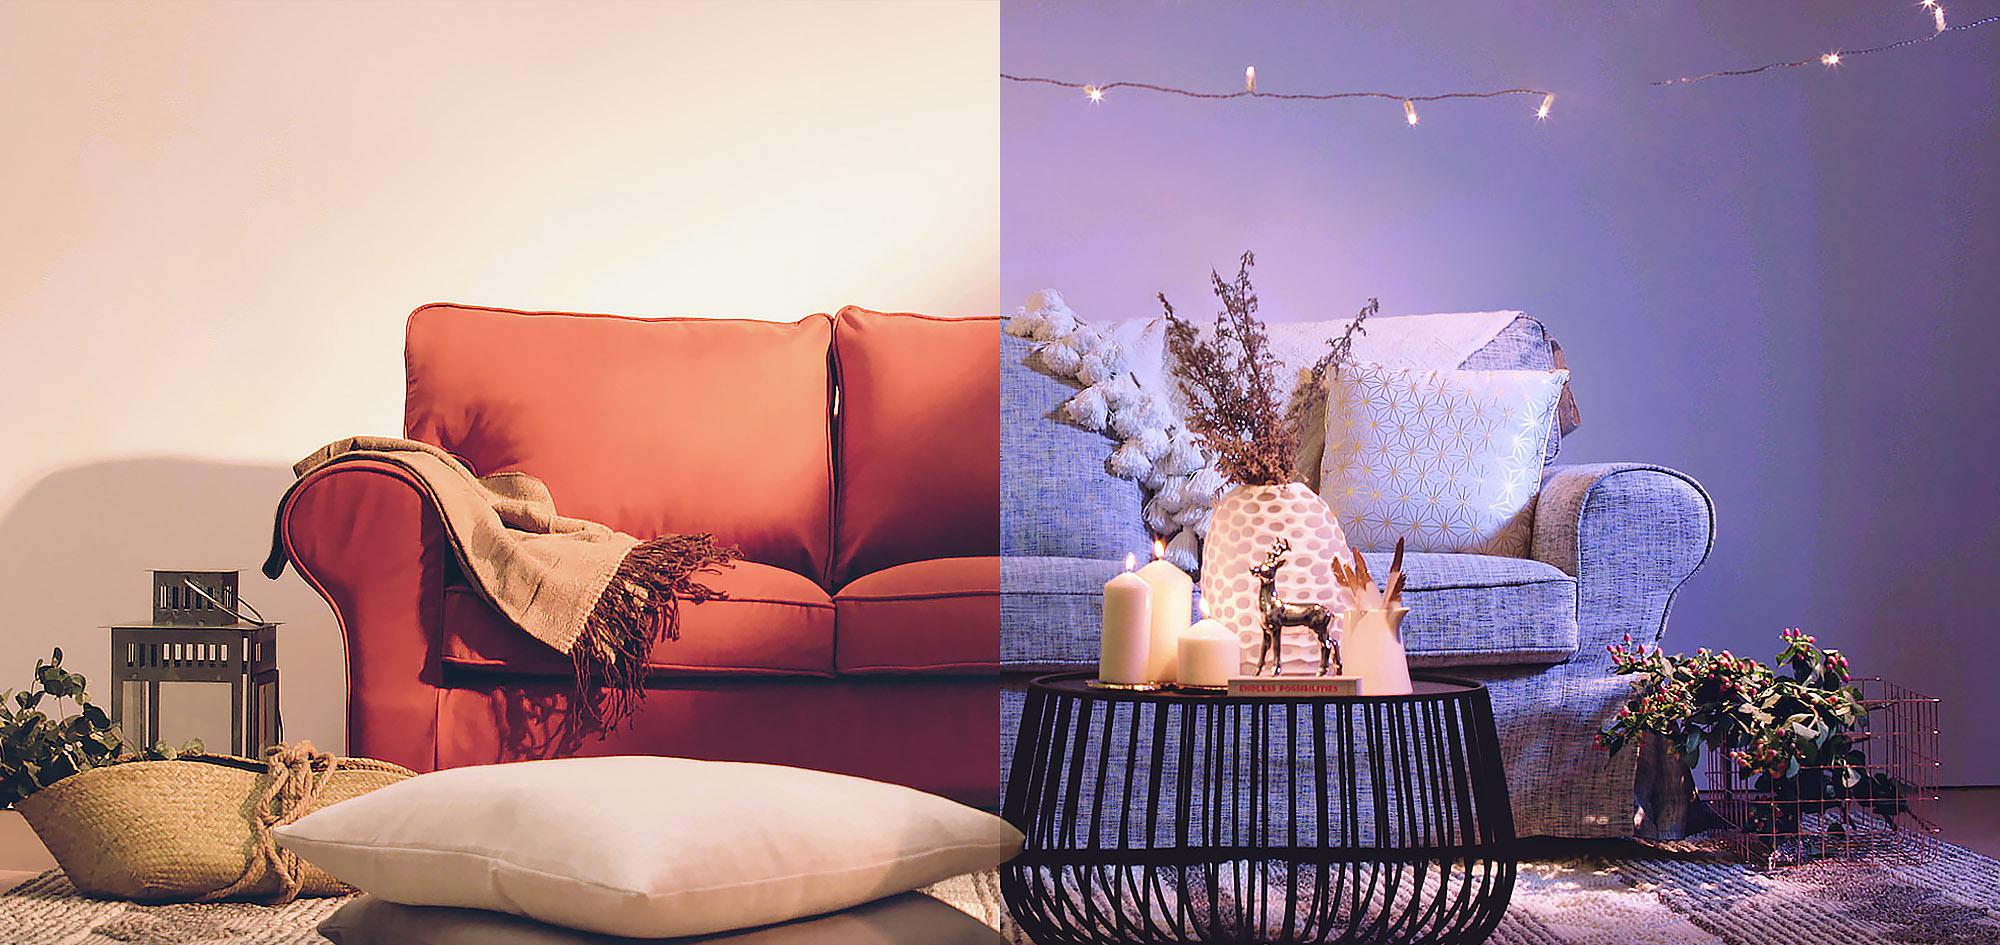 Fibras naturales o fibras sintéticas: ¿qué es mejor para mis fundas de sofá?